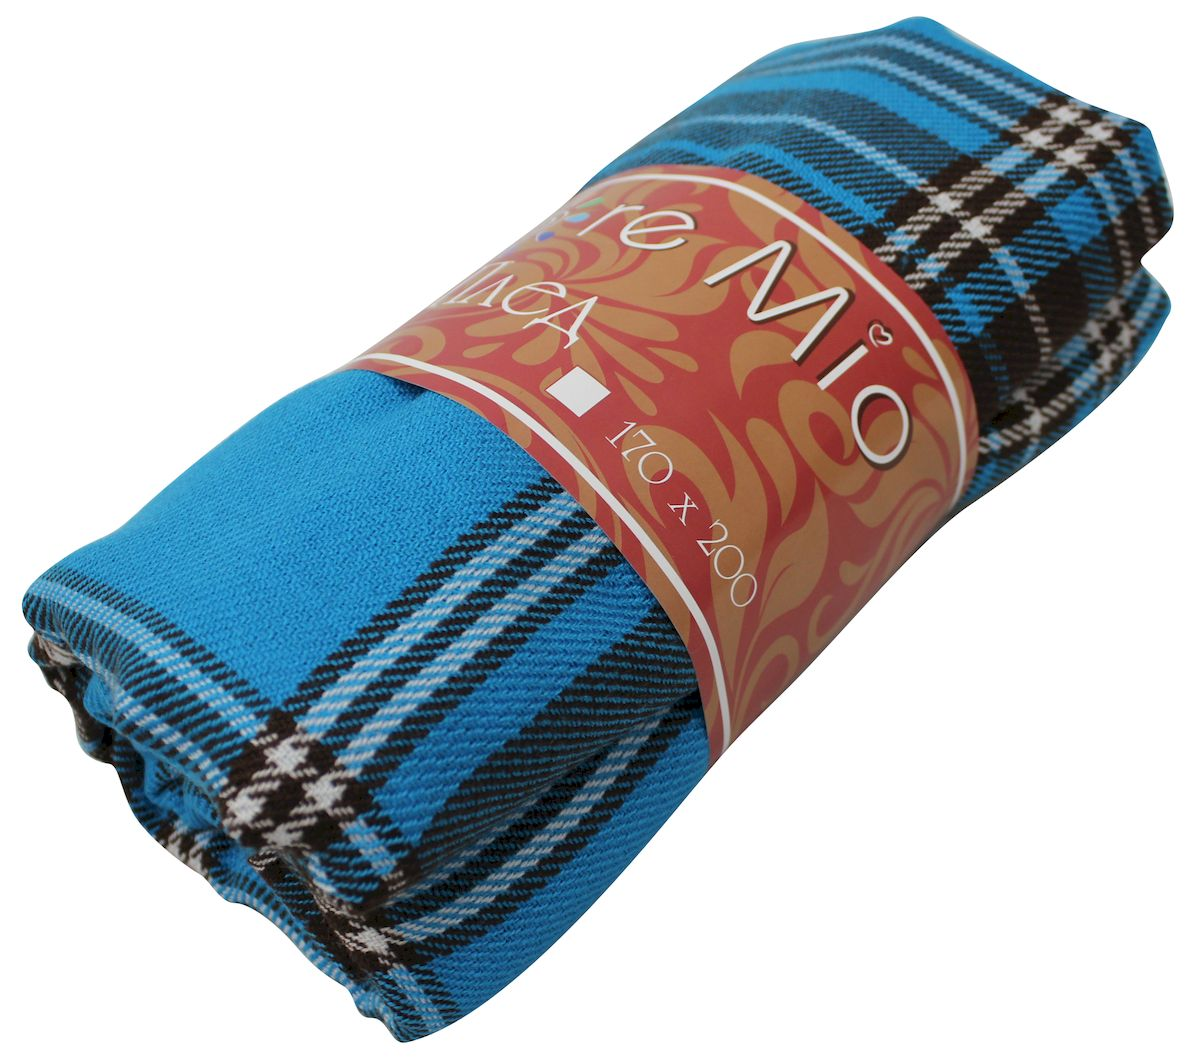 Плед Amore Mio Azure, 150 х 200 смCLP446Мягкий, теплый и уютный плед с кистями Amore Mio изготовлен из 100% акрила. Не зря в народе за акрилом закрепилось имя искусственной шерсти. Акриловое волокно великолепно удерживает тепло, оно практично и долговечно. Еще одно преимущество - в цене, так как по факту акрил значительно дешевле натуральной шерсти.